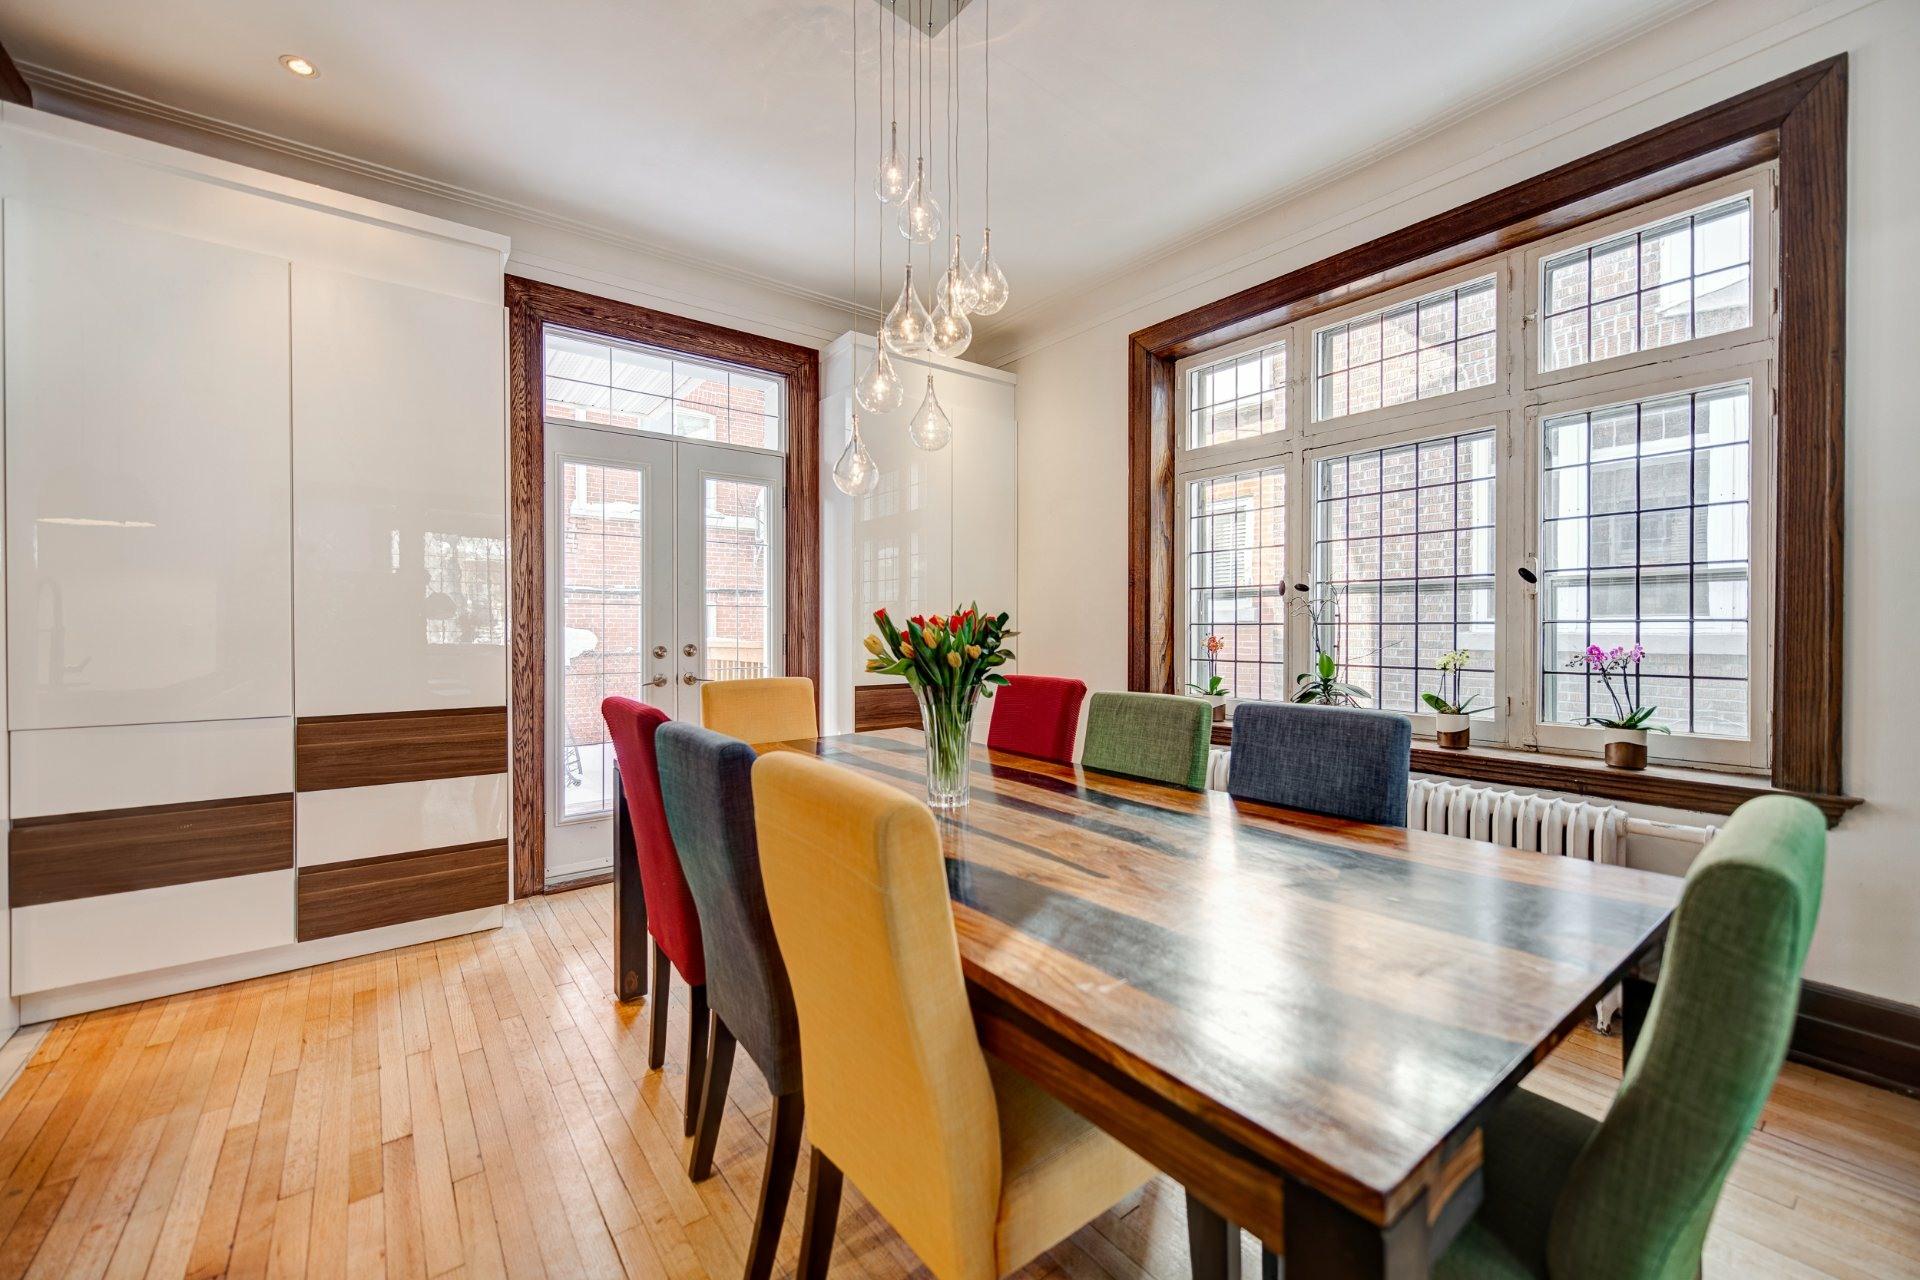 image 13 - House For sale Côte-des-Neiges/Notre-Dame-de-Grâce Montréal  - 10 rooms